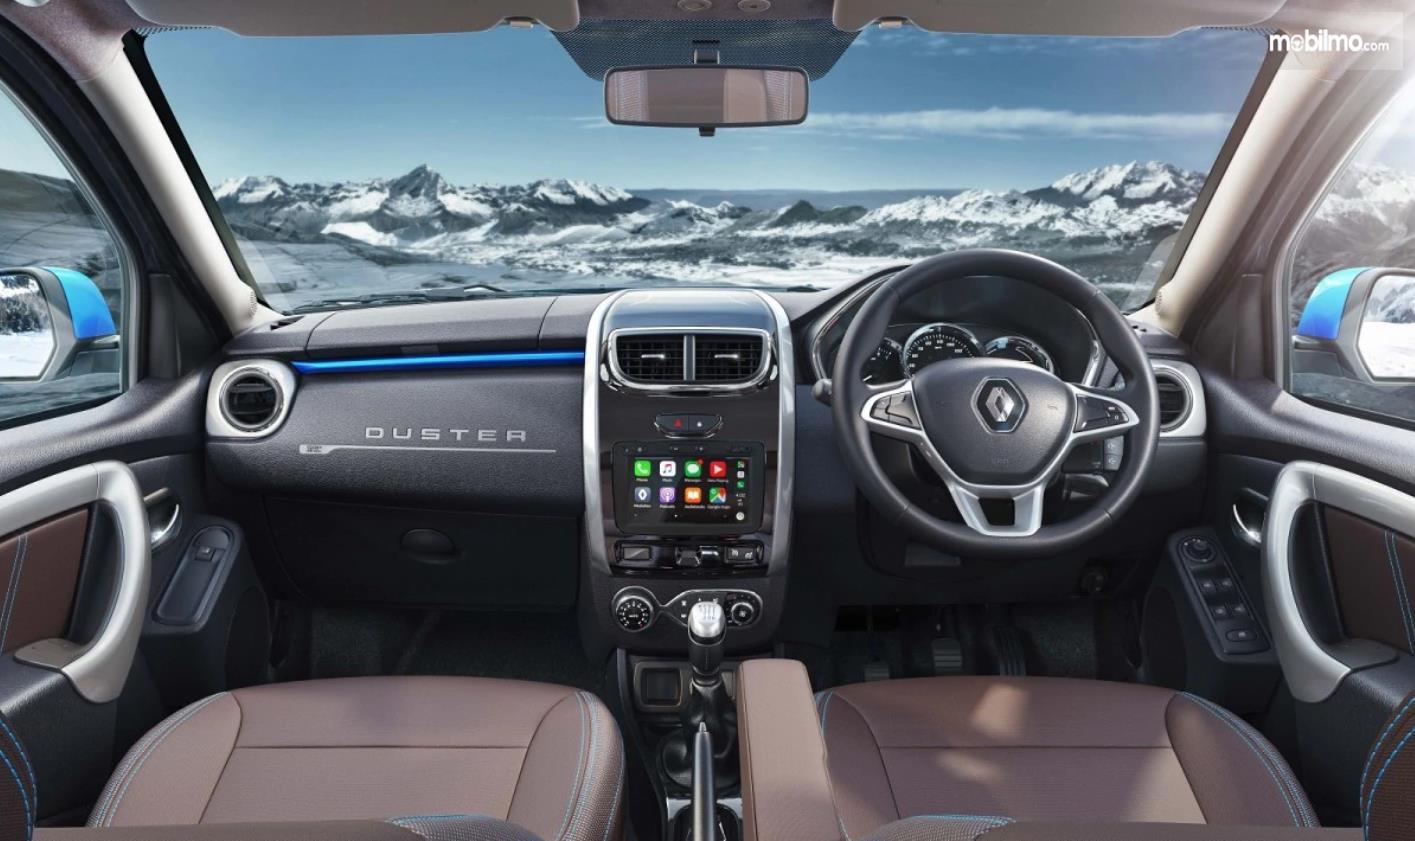 Foto menunjukkan Kabin Renault Duster 2019